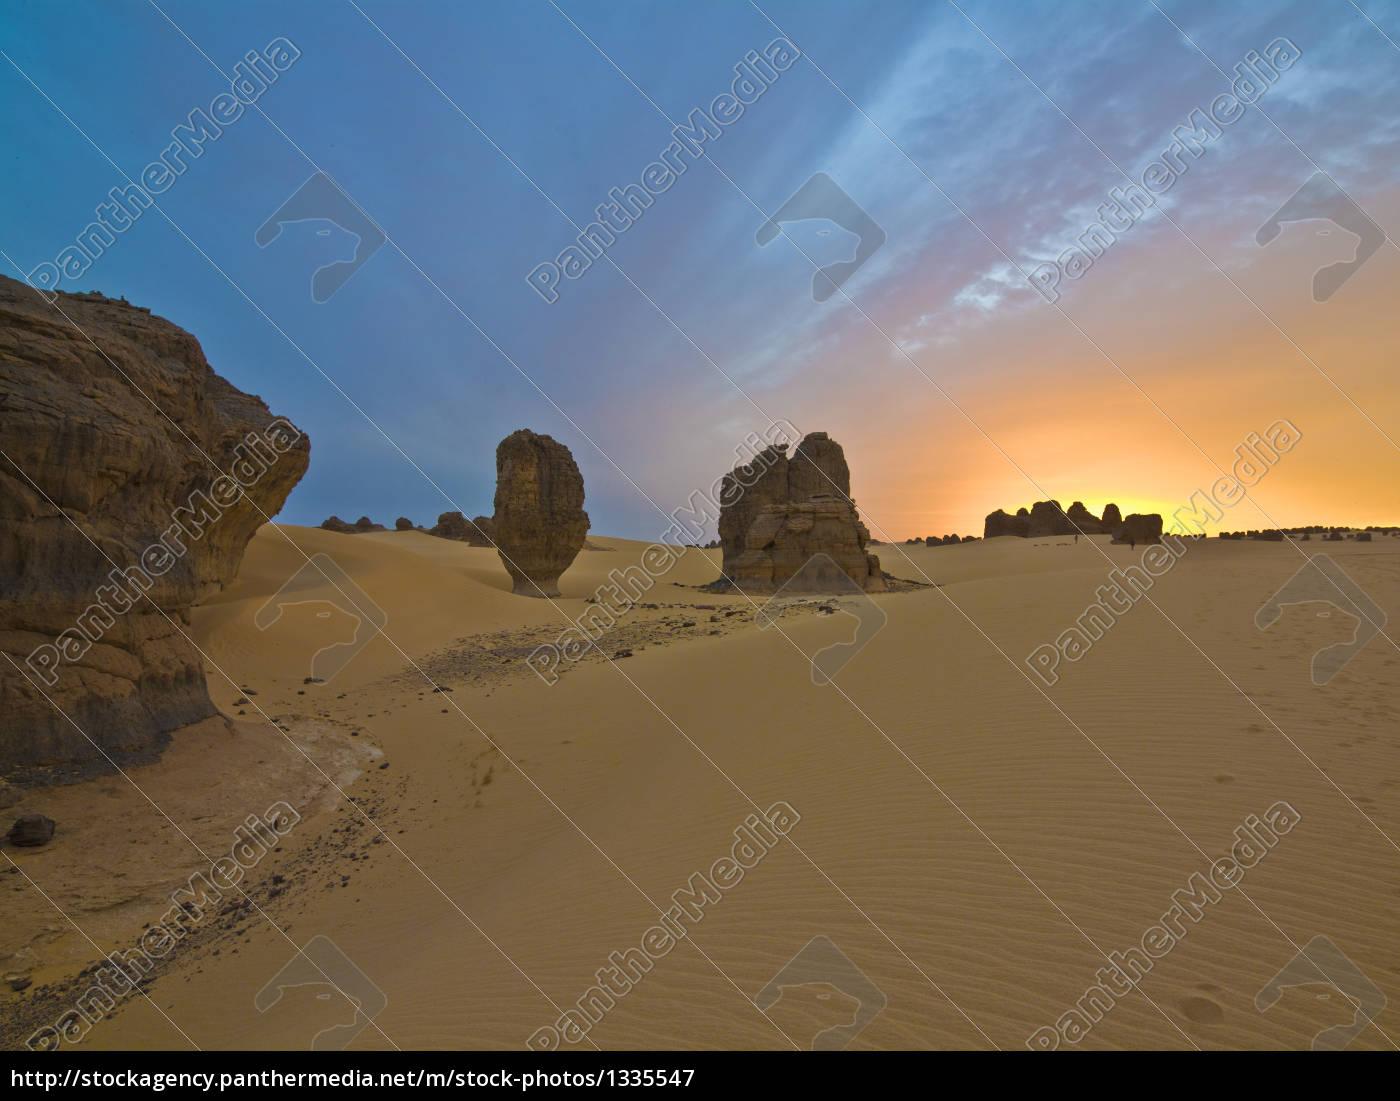 desert - 1335547